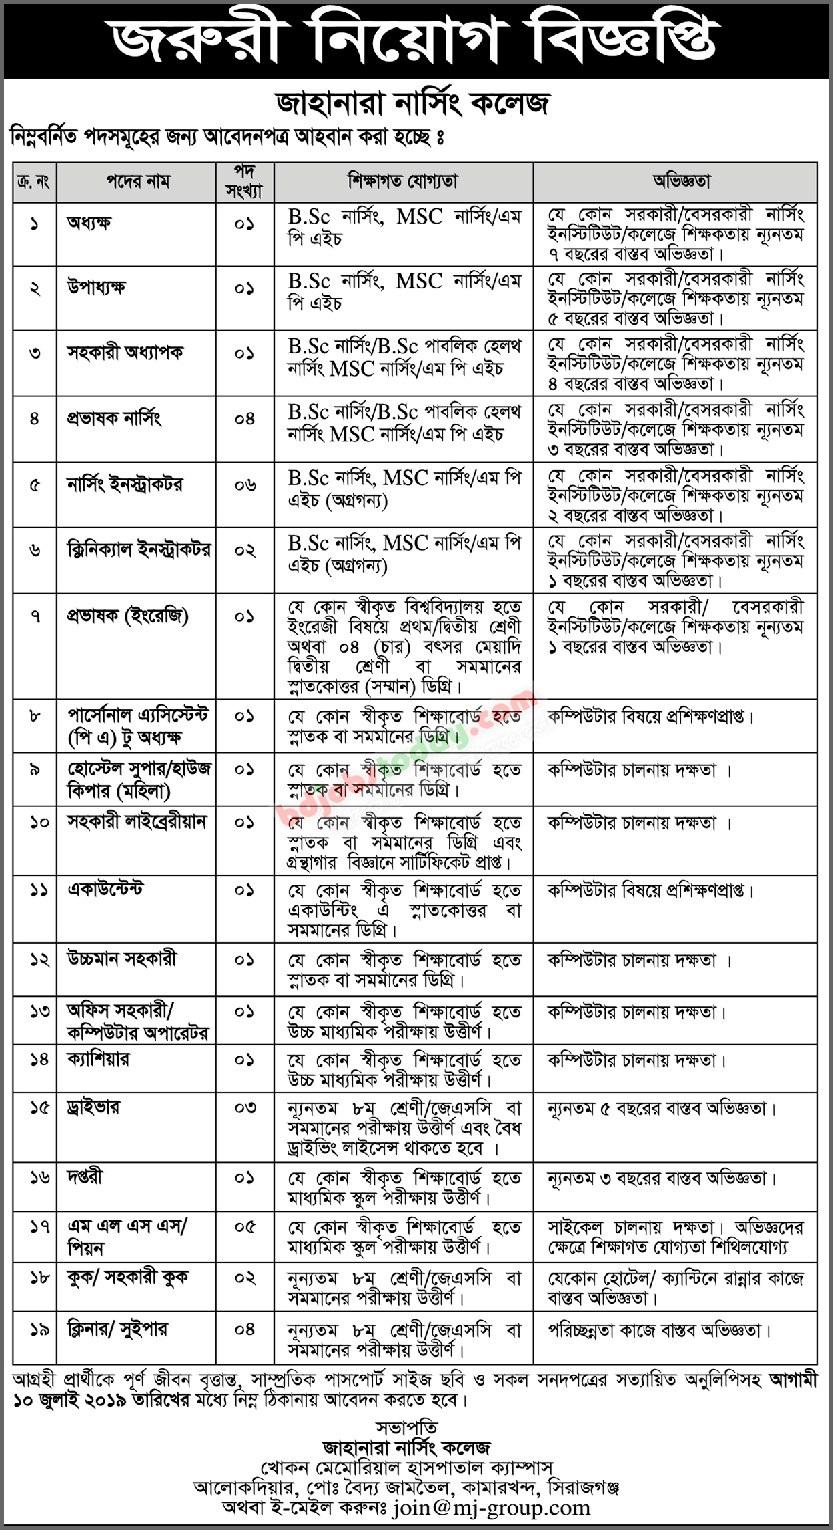 Prothom Alo Weekly Jobs Newspaper 2019- Chakri Bakri-Chakrir